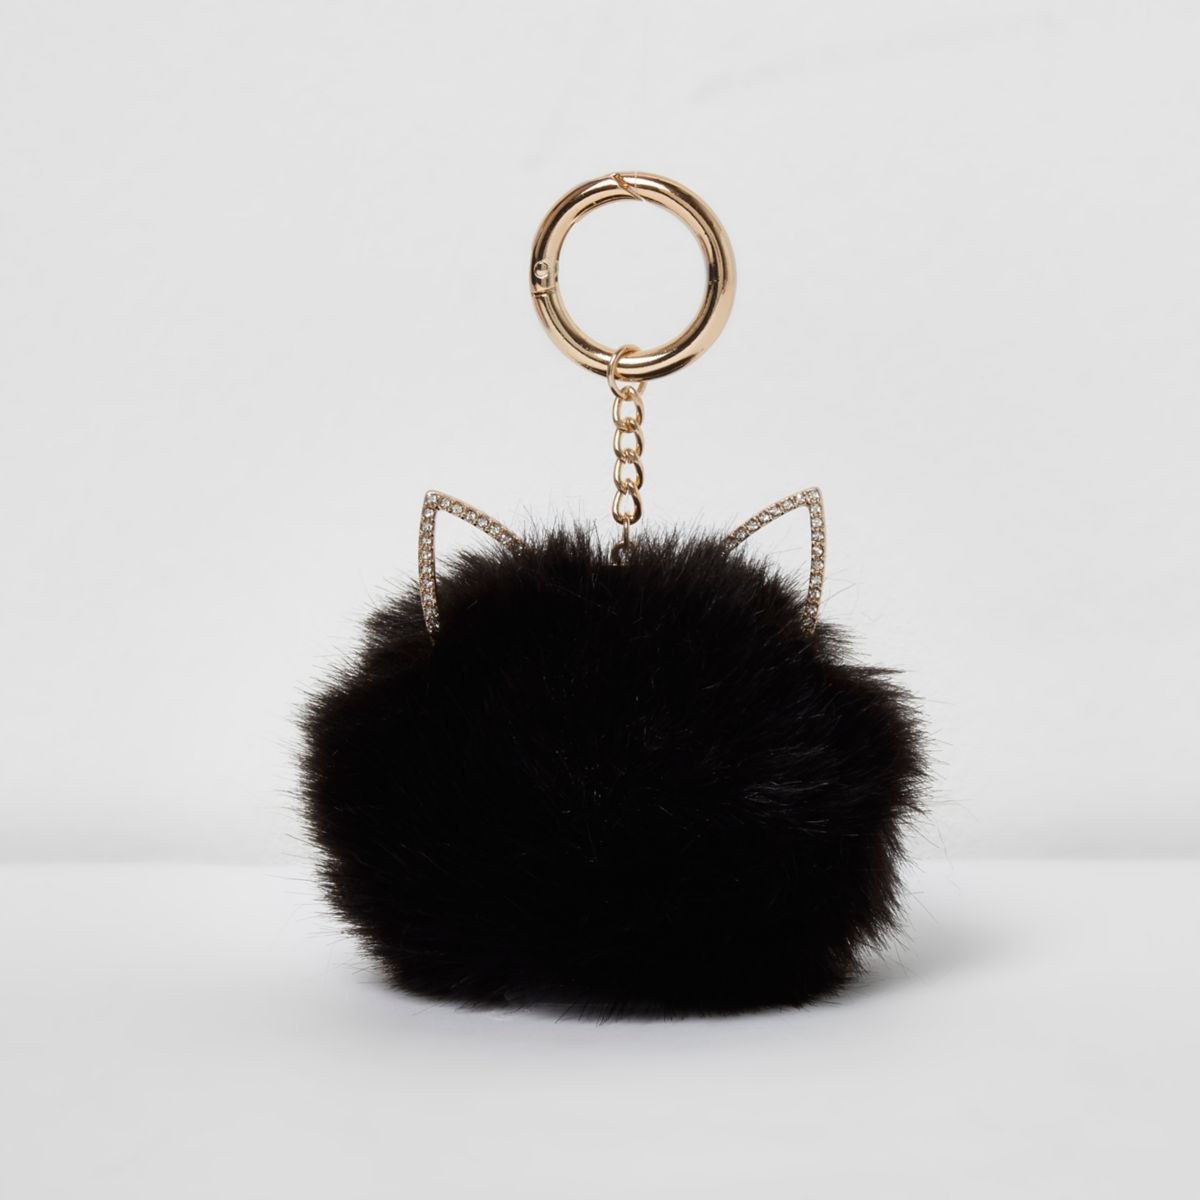 Zwarte sleutelhanger met pompon en kattenoren